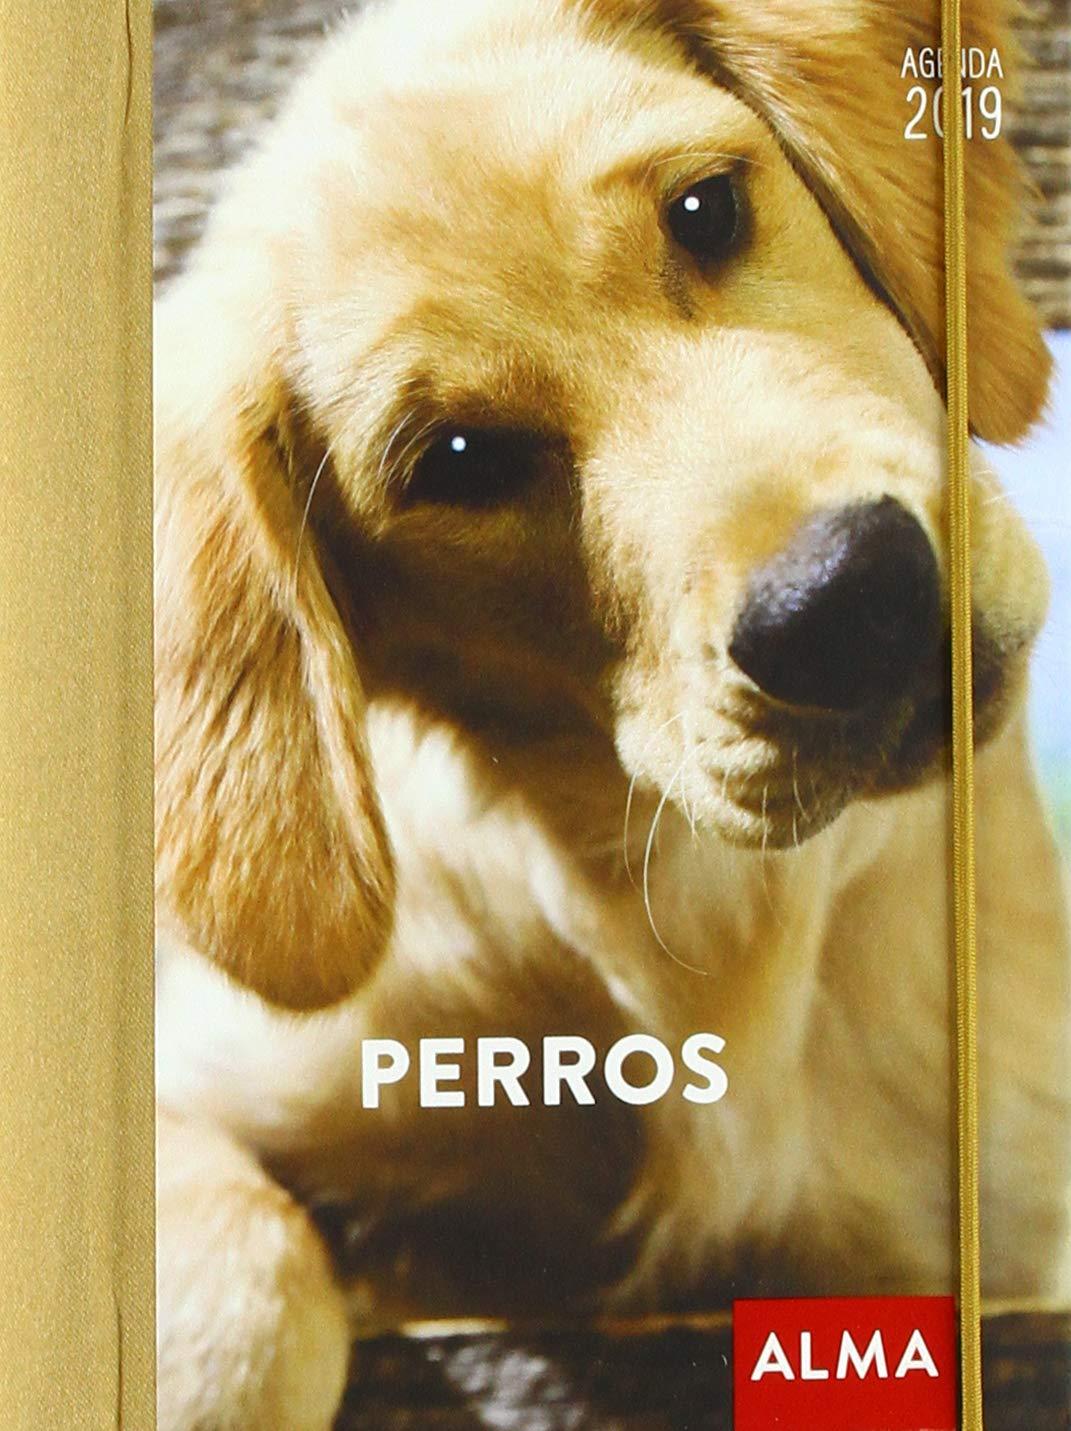 Alma Perros - Agenda: Vv.Aa: Amazon.es: Oficina y papelería